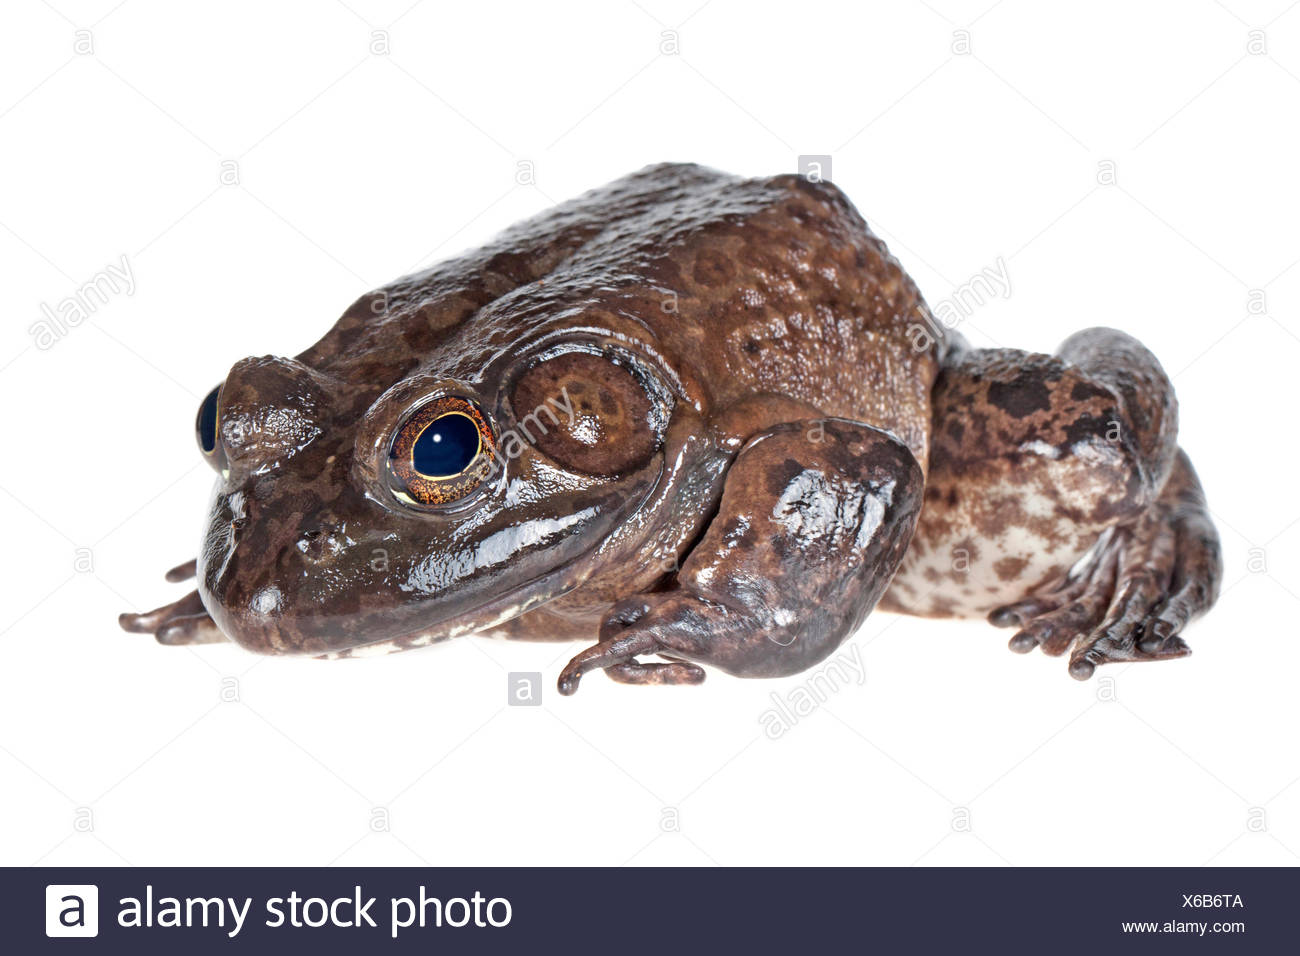 American Bullfrog photographié sur un fond blanc. Banque D'Images